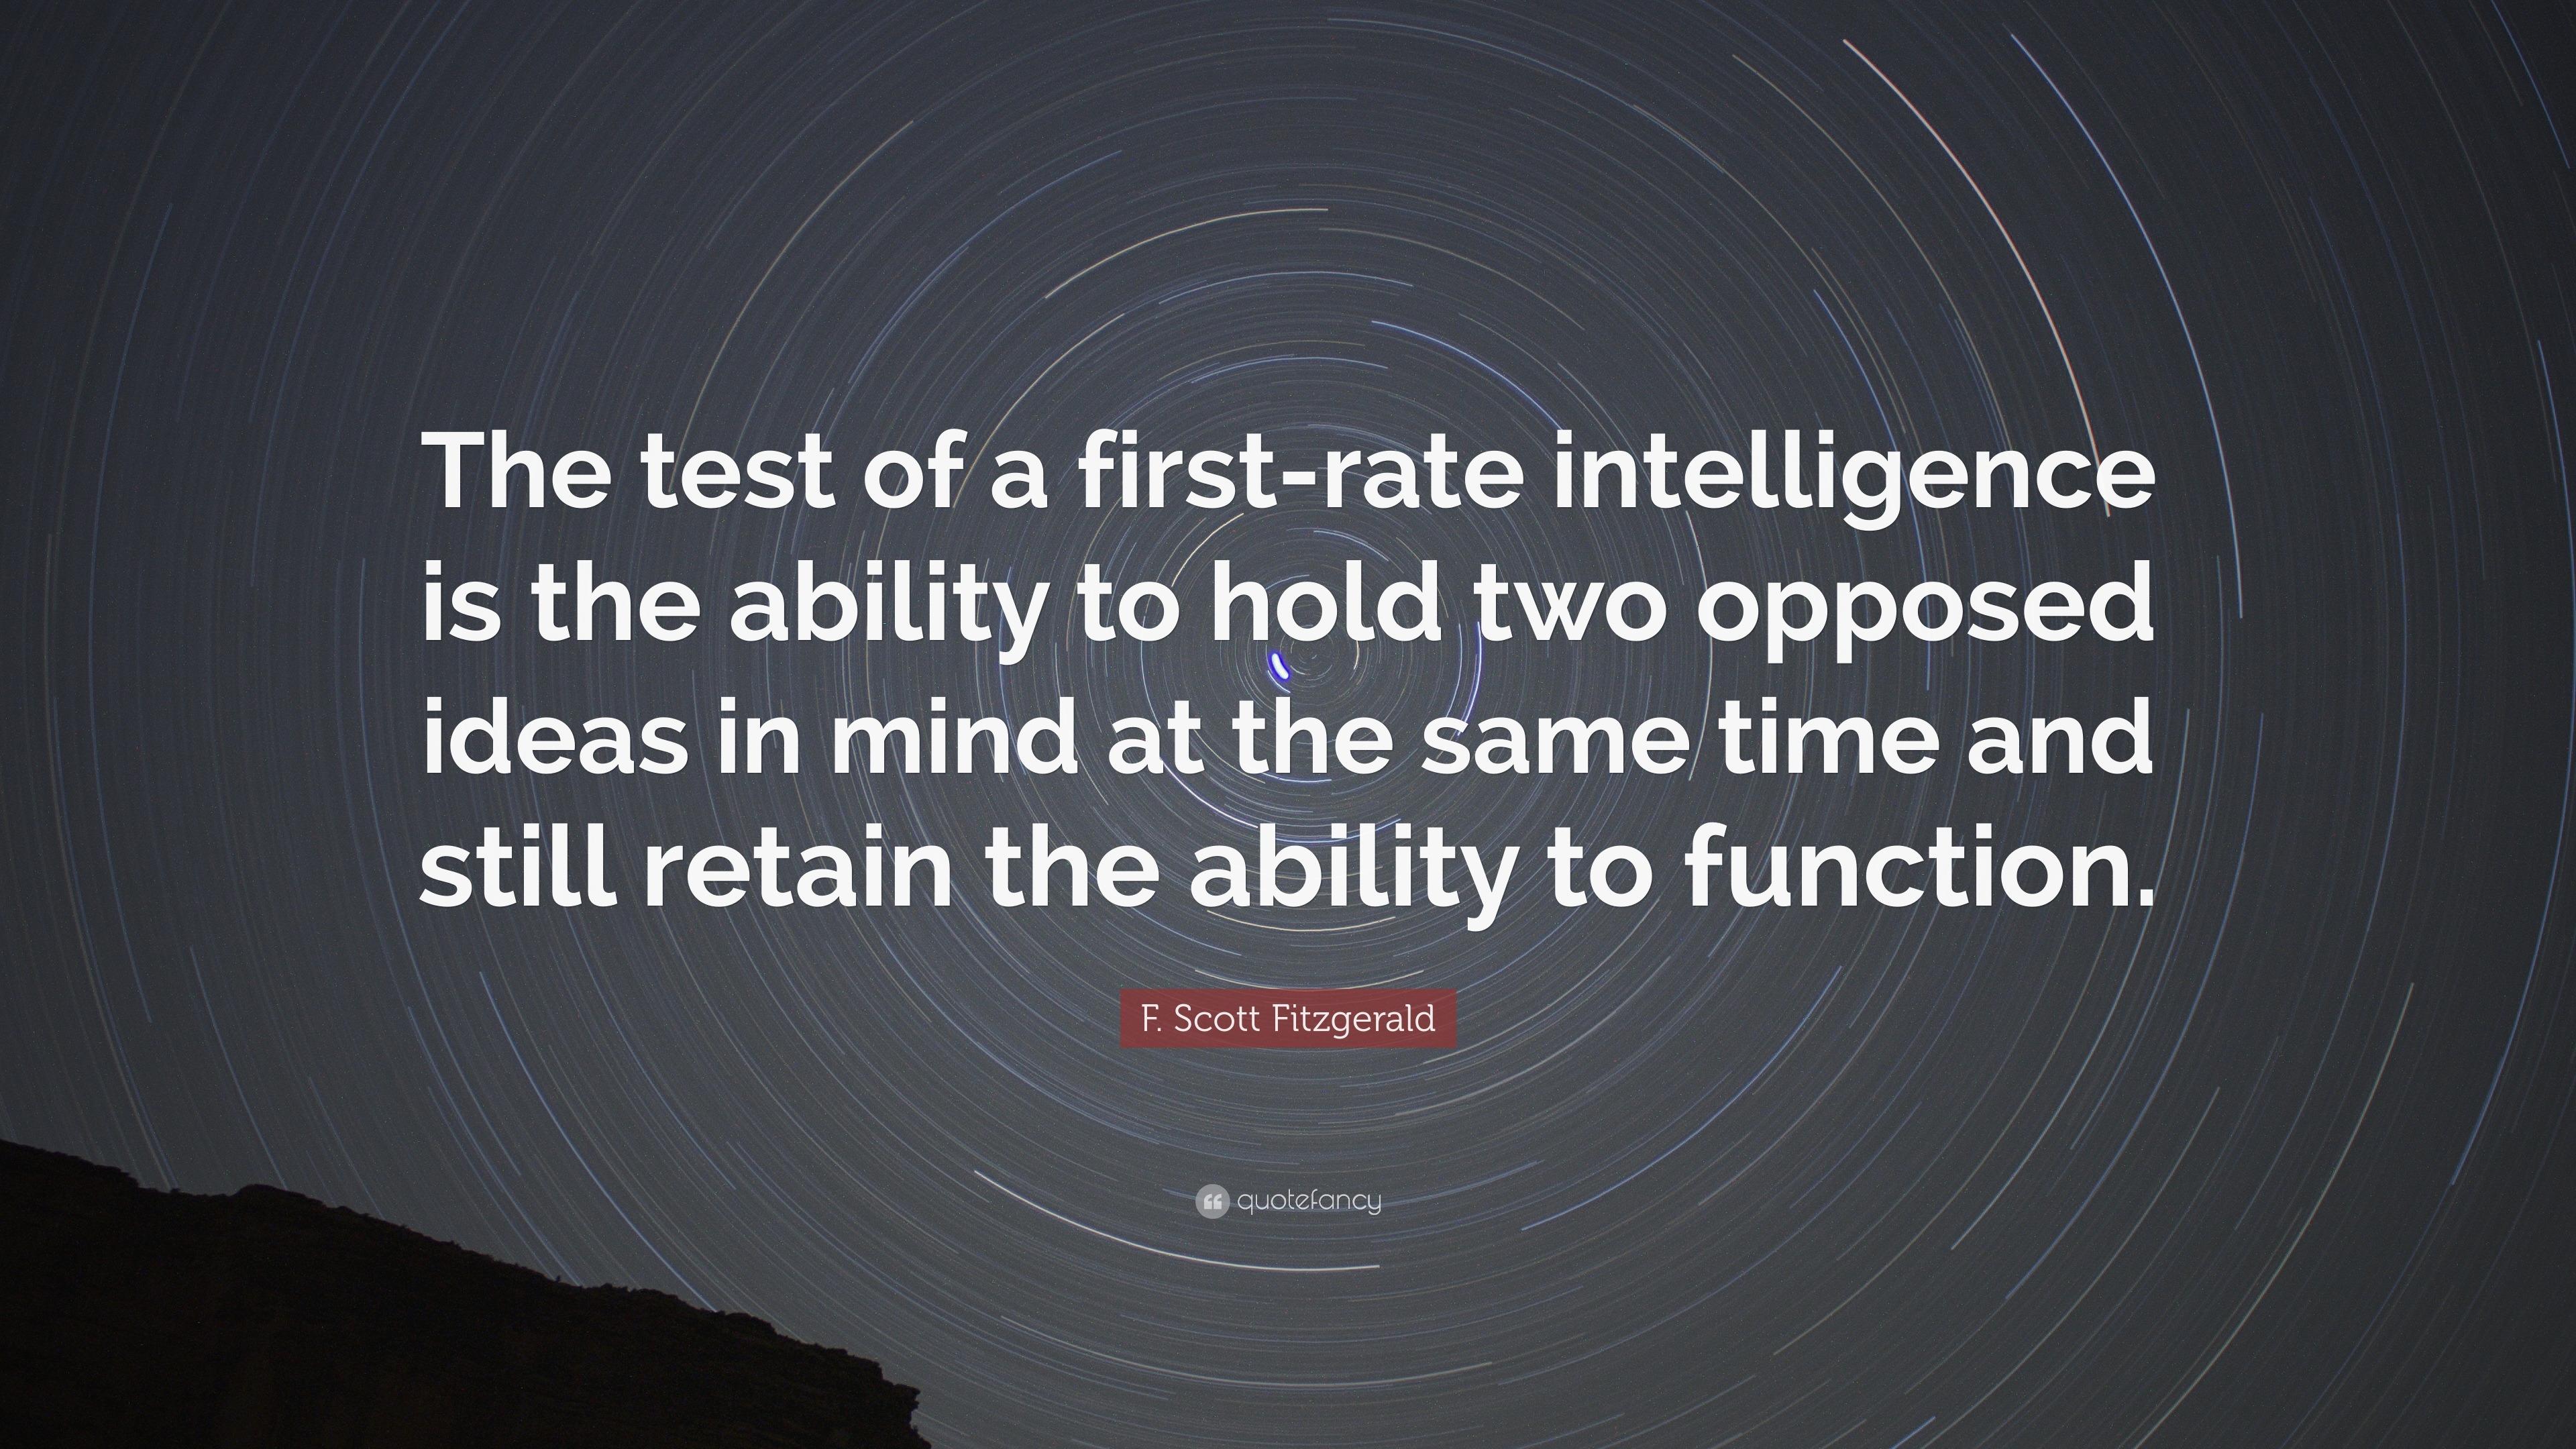 the test for intelligence Pse të bësh pikërisht këtë test iq e përgatitën atë personalitetet kryesore në sferën e inteligjencës për arsye të shumë personave të testuar.